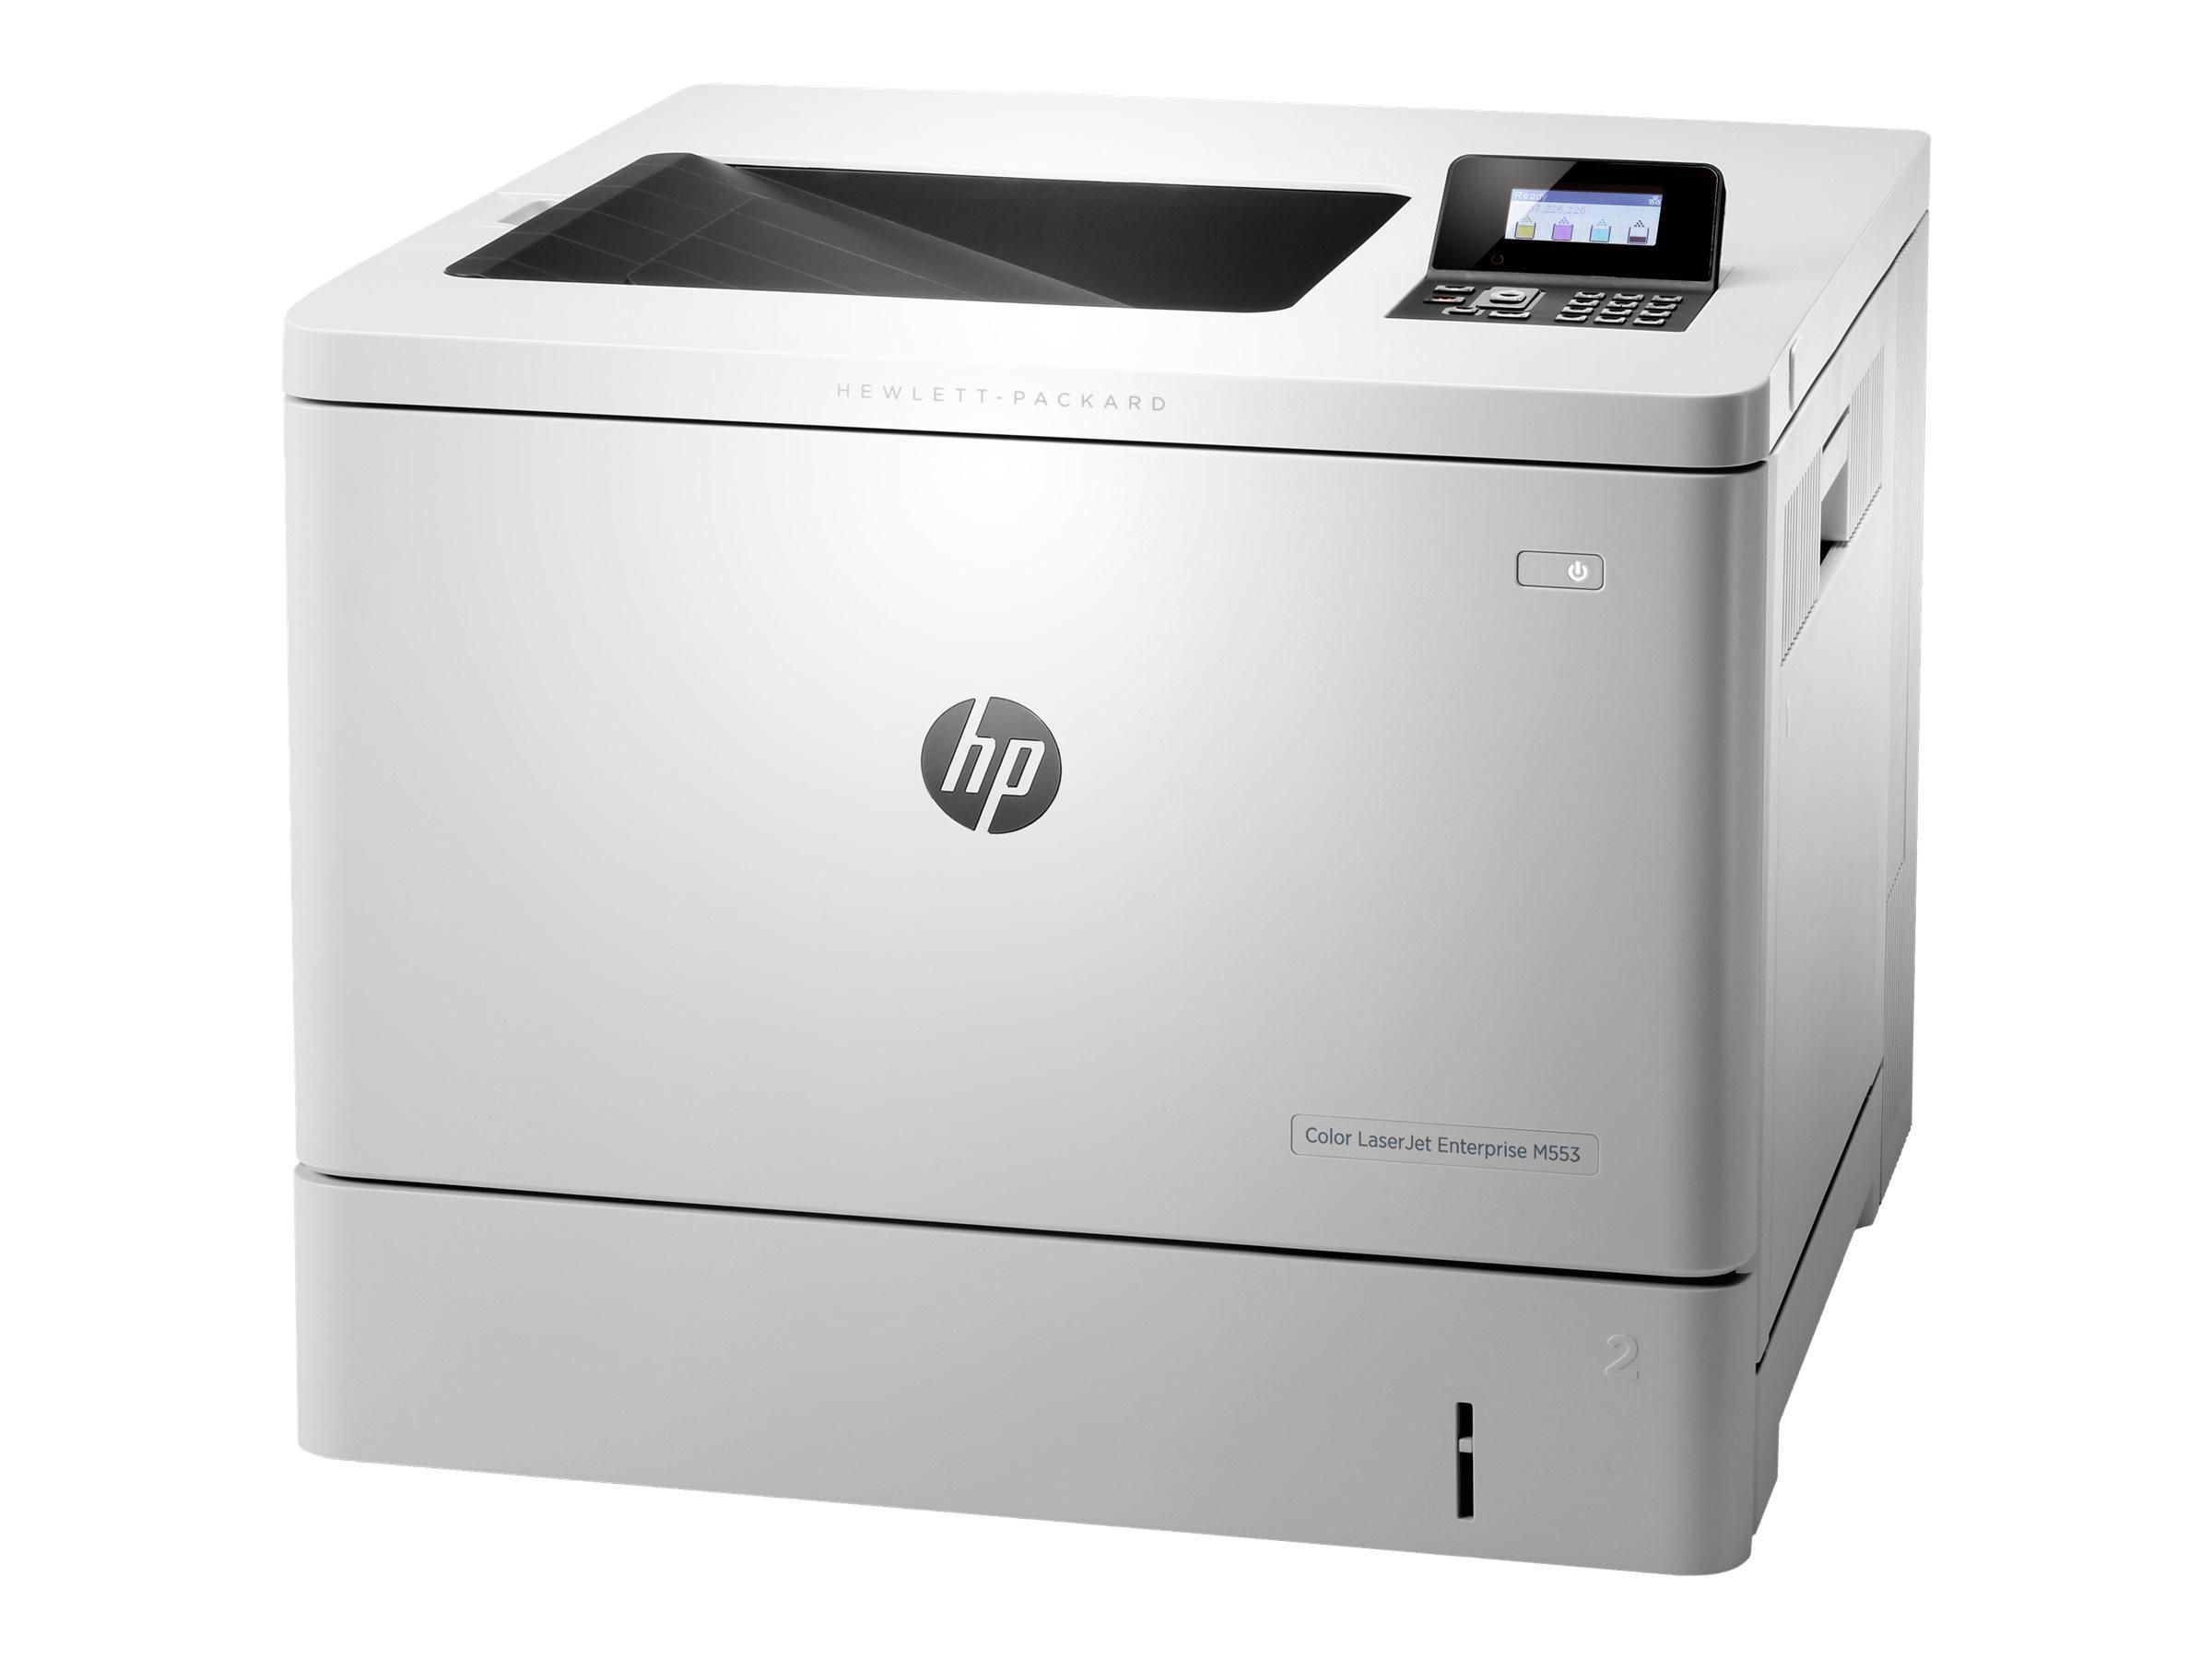 HP Color LaserJet Enterprise M552dn - Drucker - Farbe - Duplex - Laser - A4/Legal - 1200 x 1200 dpi - bis zu 33 Seiten/Min. (einfarbig)/